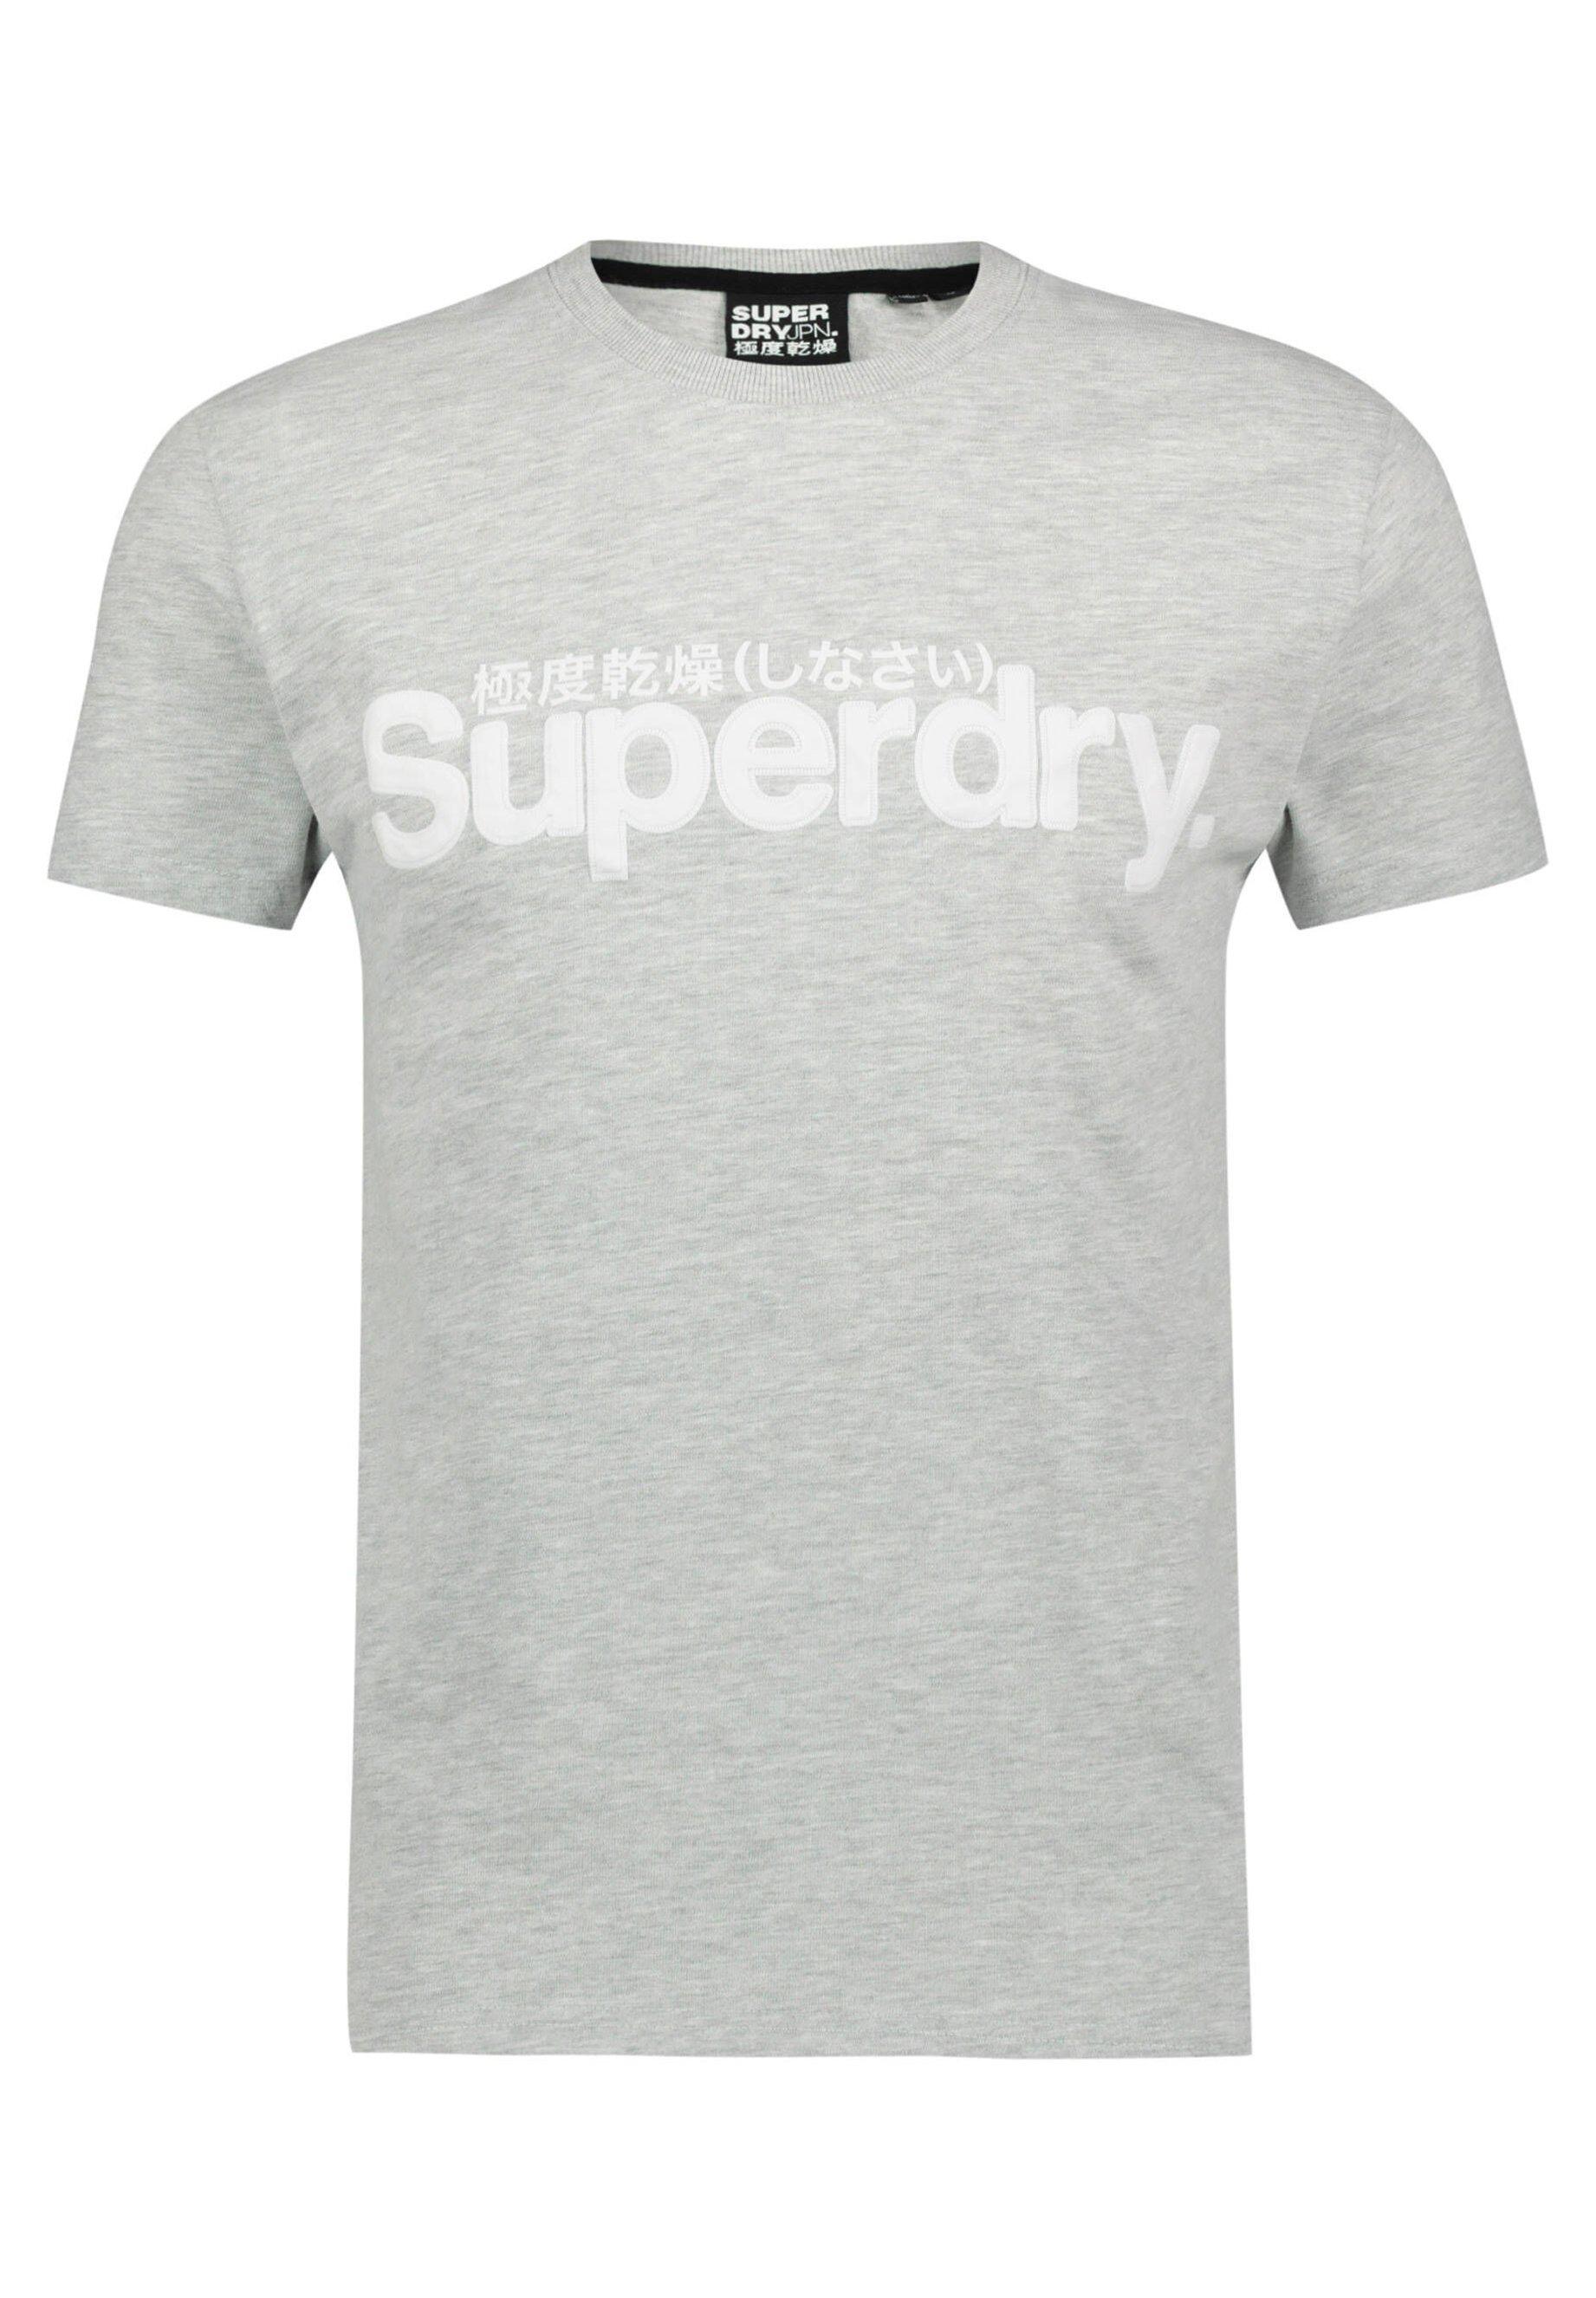 SUPERDRY CORE FAUX SUEDE T SHIRT T shirt print mittelgrau (230)